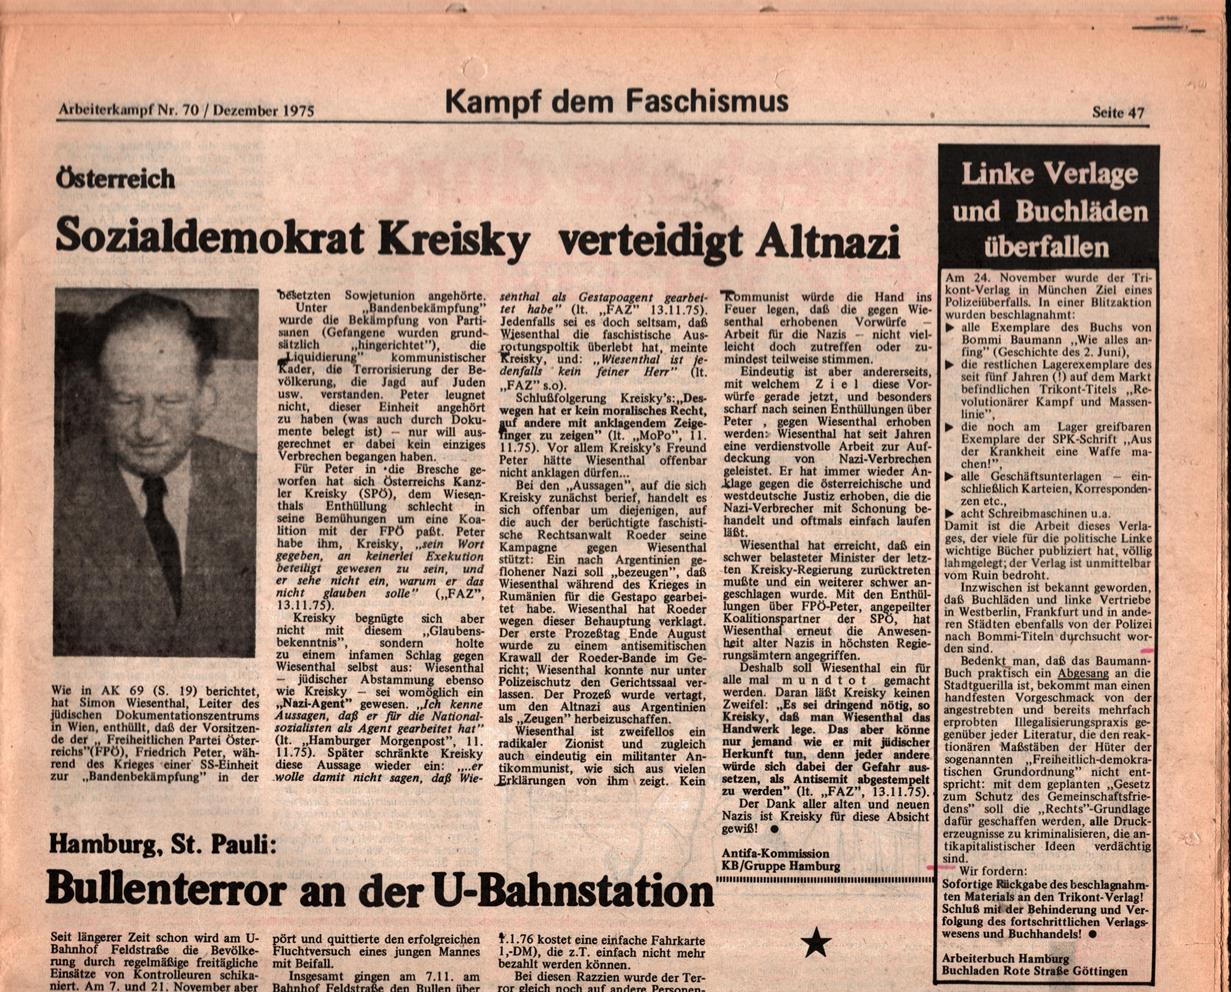 KB_AK_1975_70_093